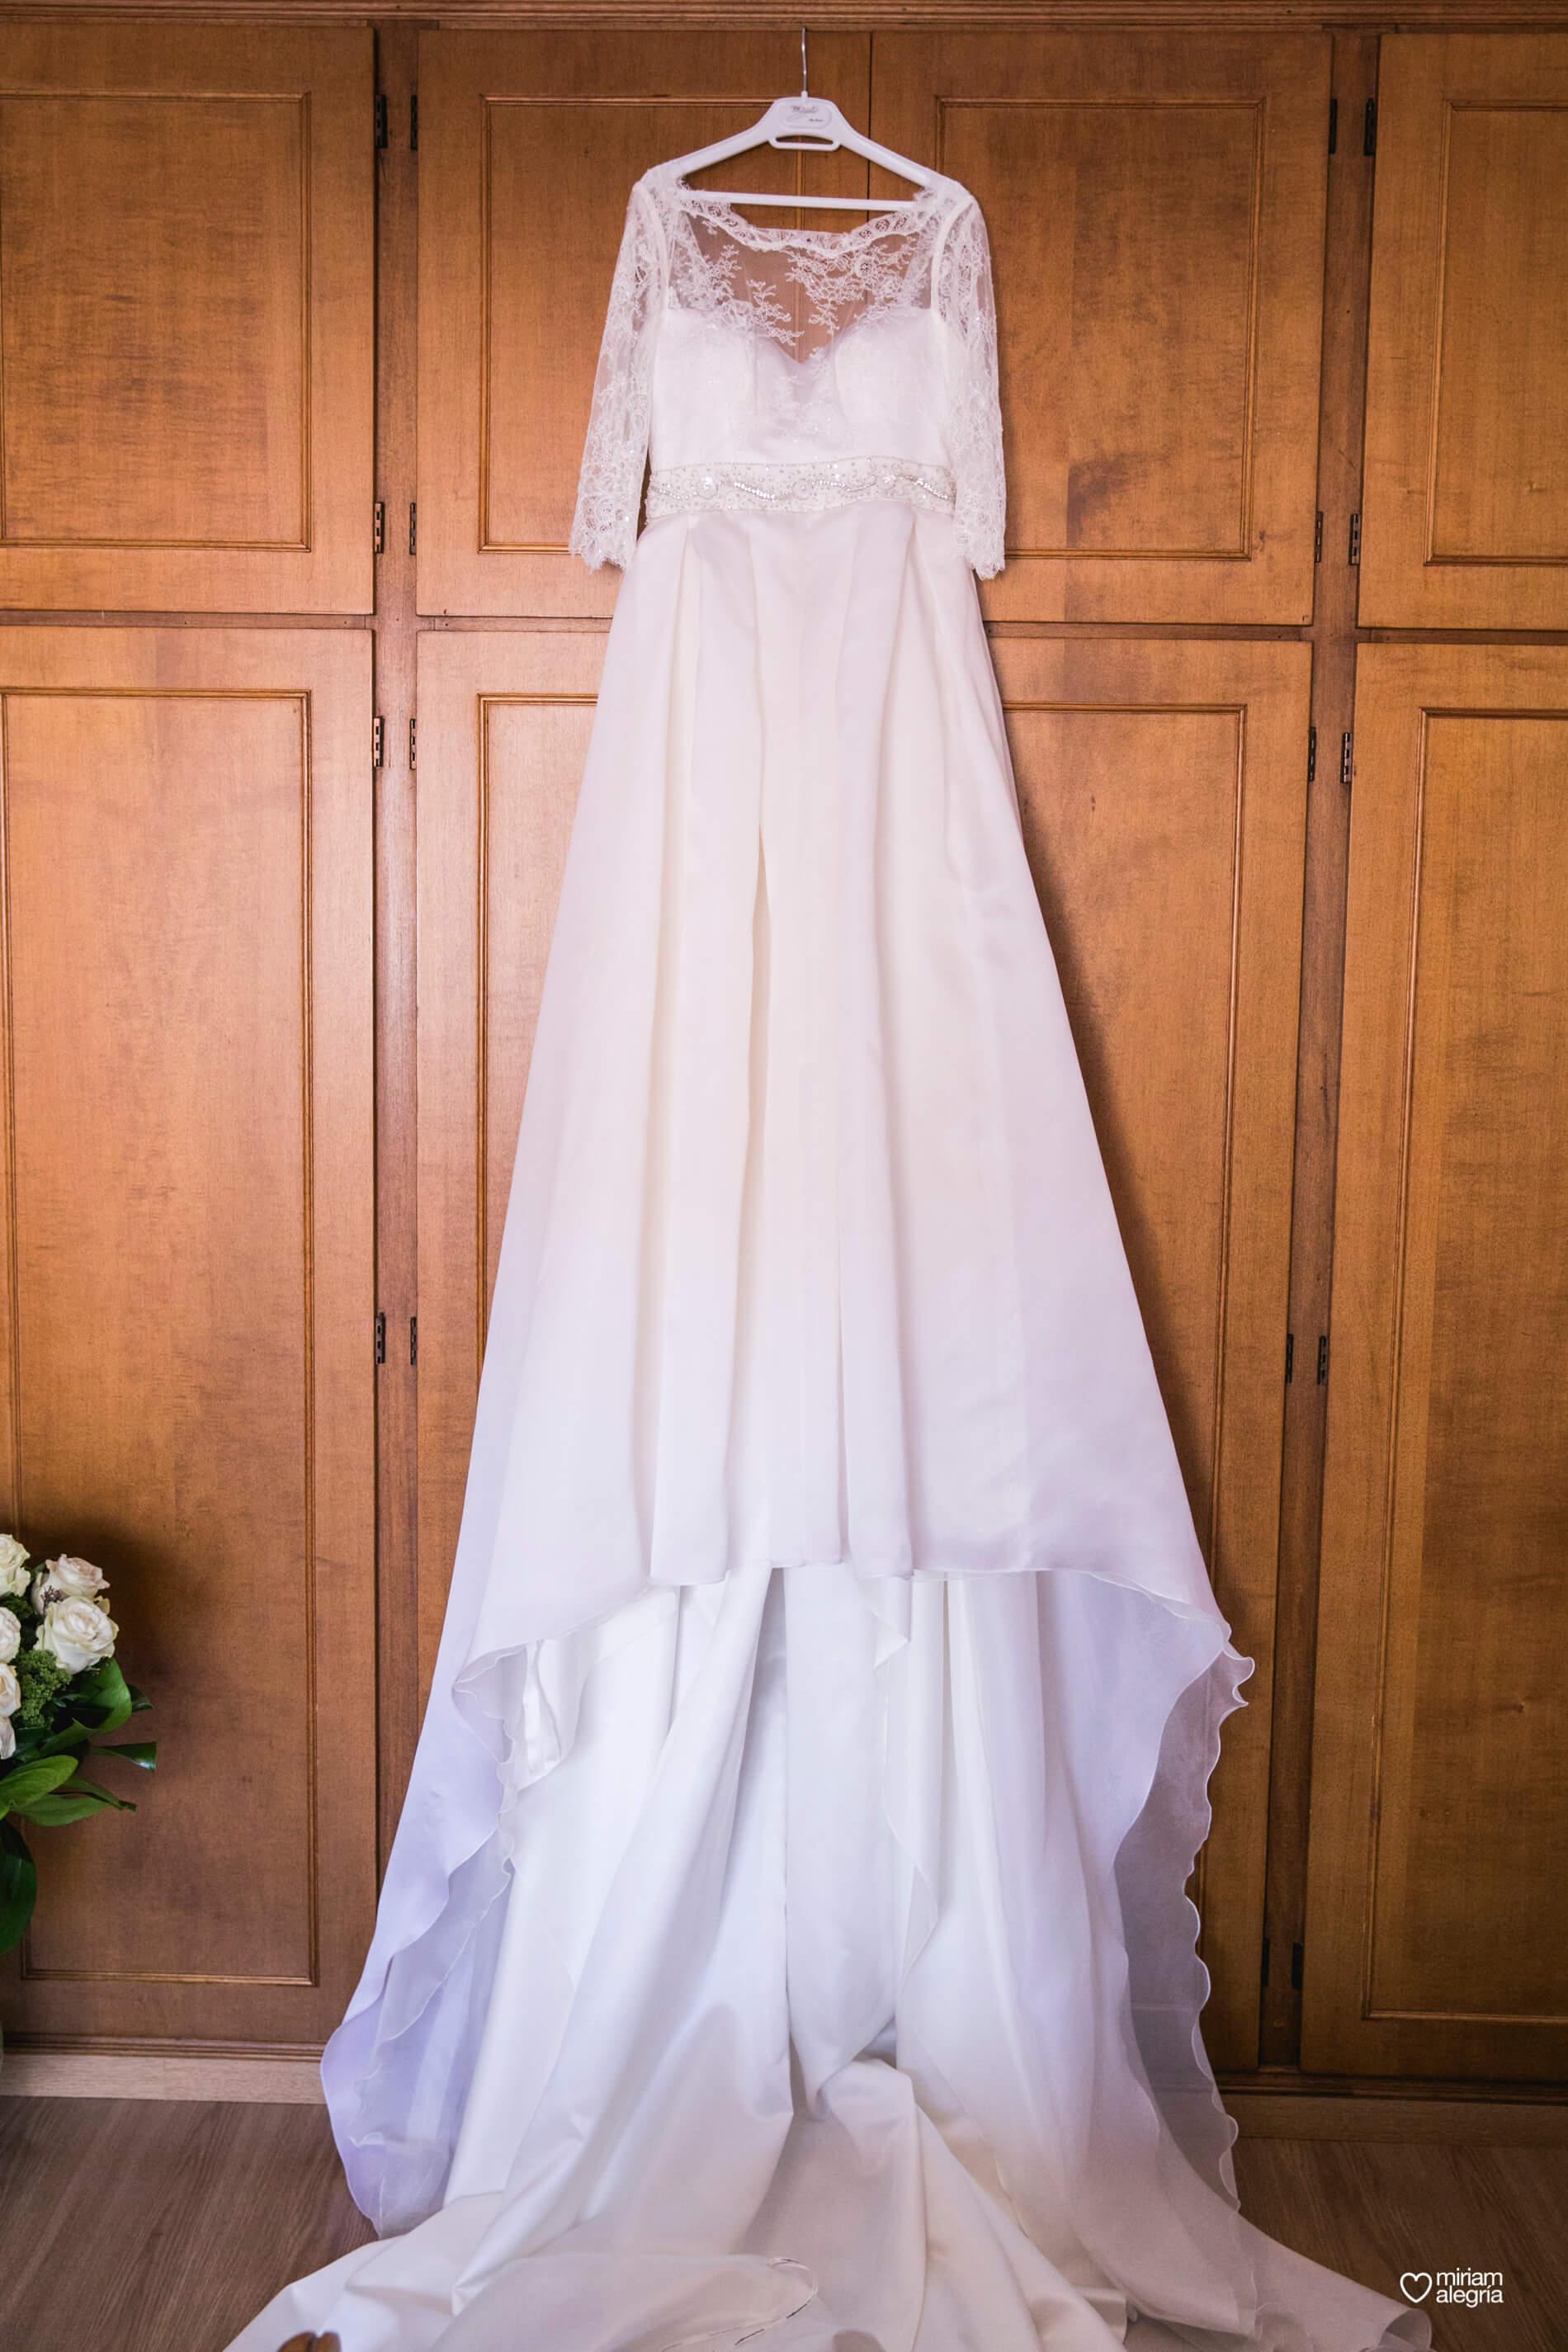 boda-en-el-rincon-huertano-miriam-alegria-fotografos-boda-murcia-11